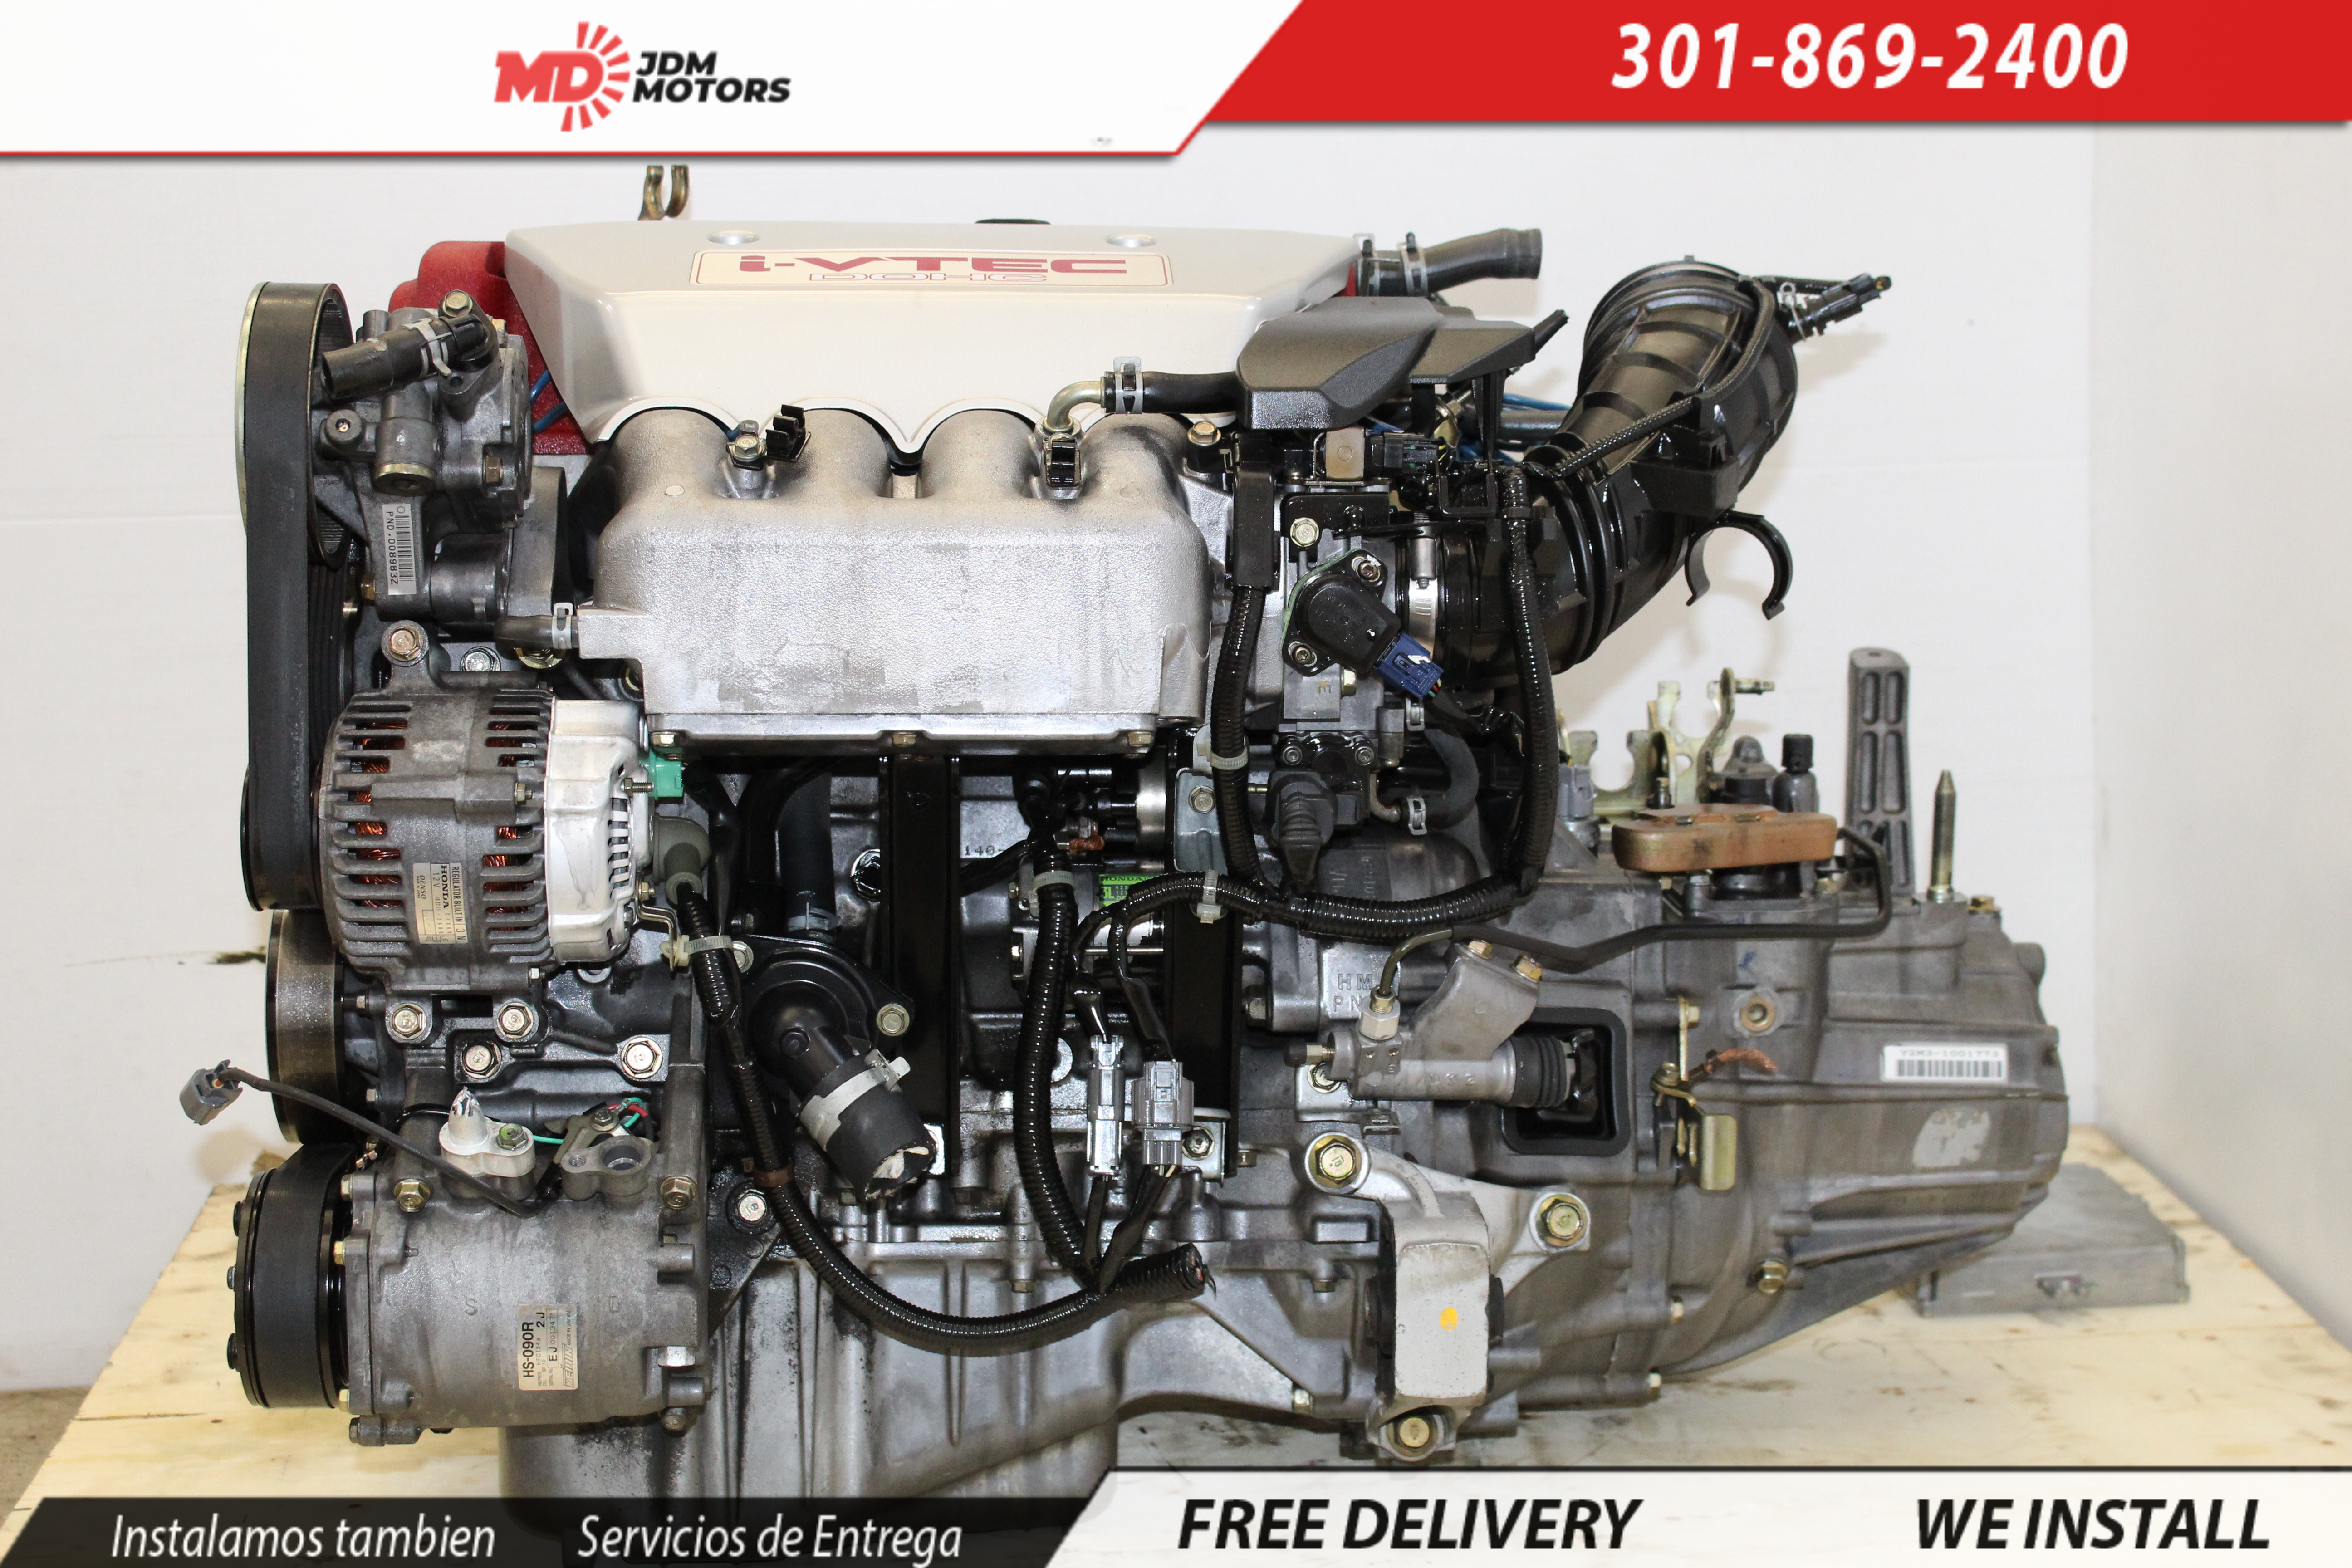 K SERIES HONDA ENGINES – MD JDM MOTORS